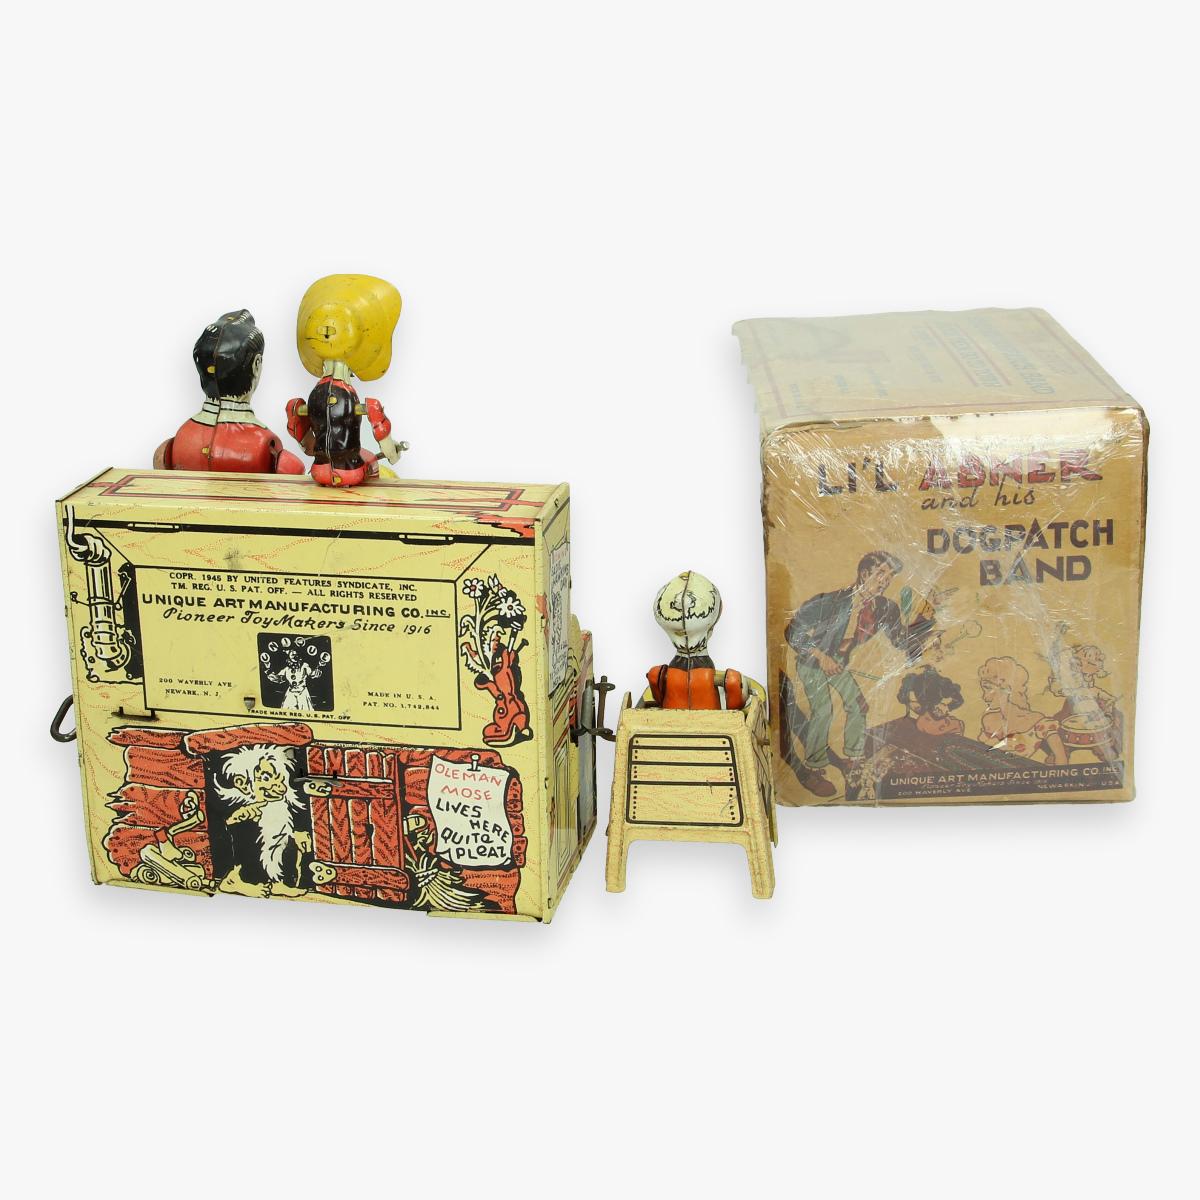 Afbeeldingen van blikken li'l abner and his dogpatch band unique art usa 1945 boxed zeldzaam in doos